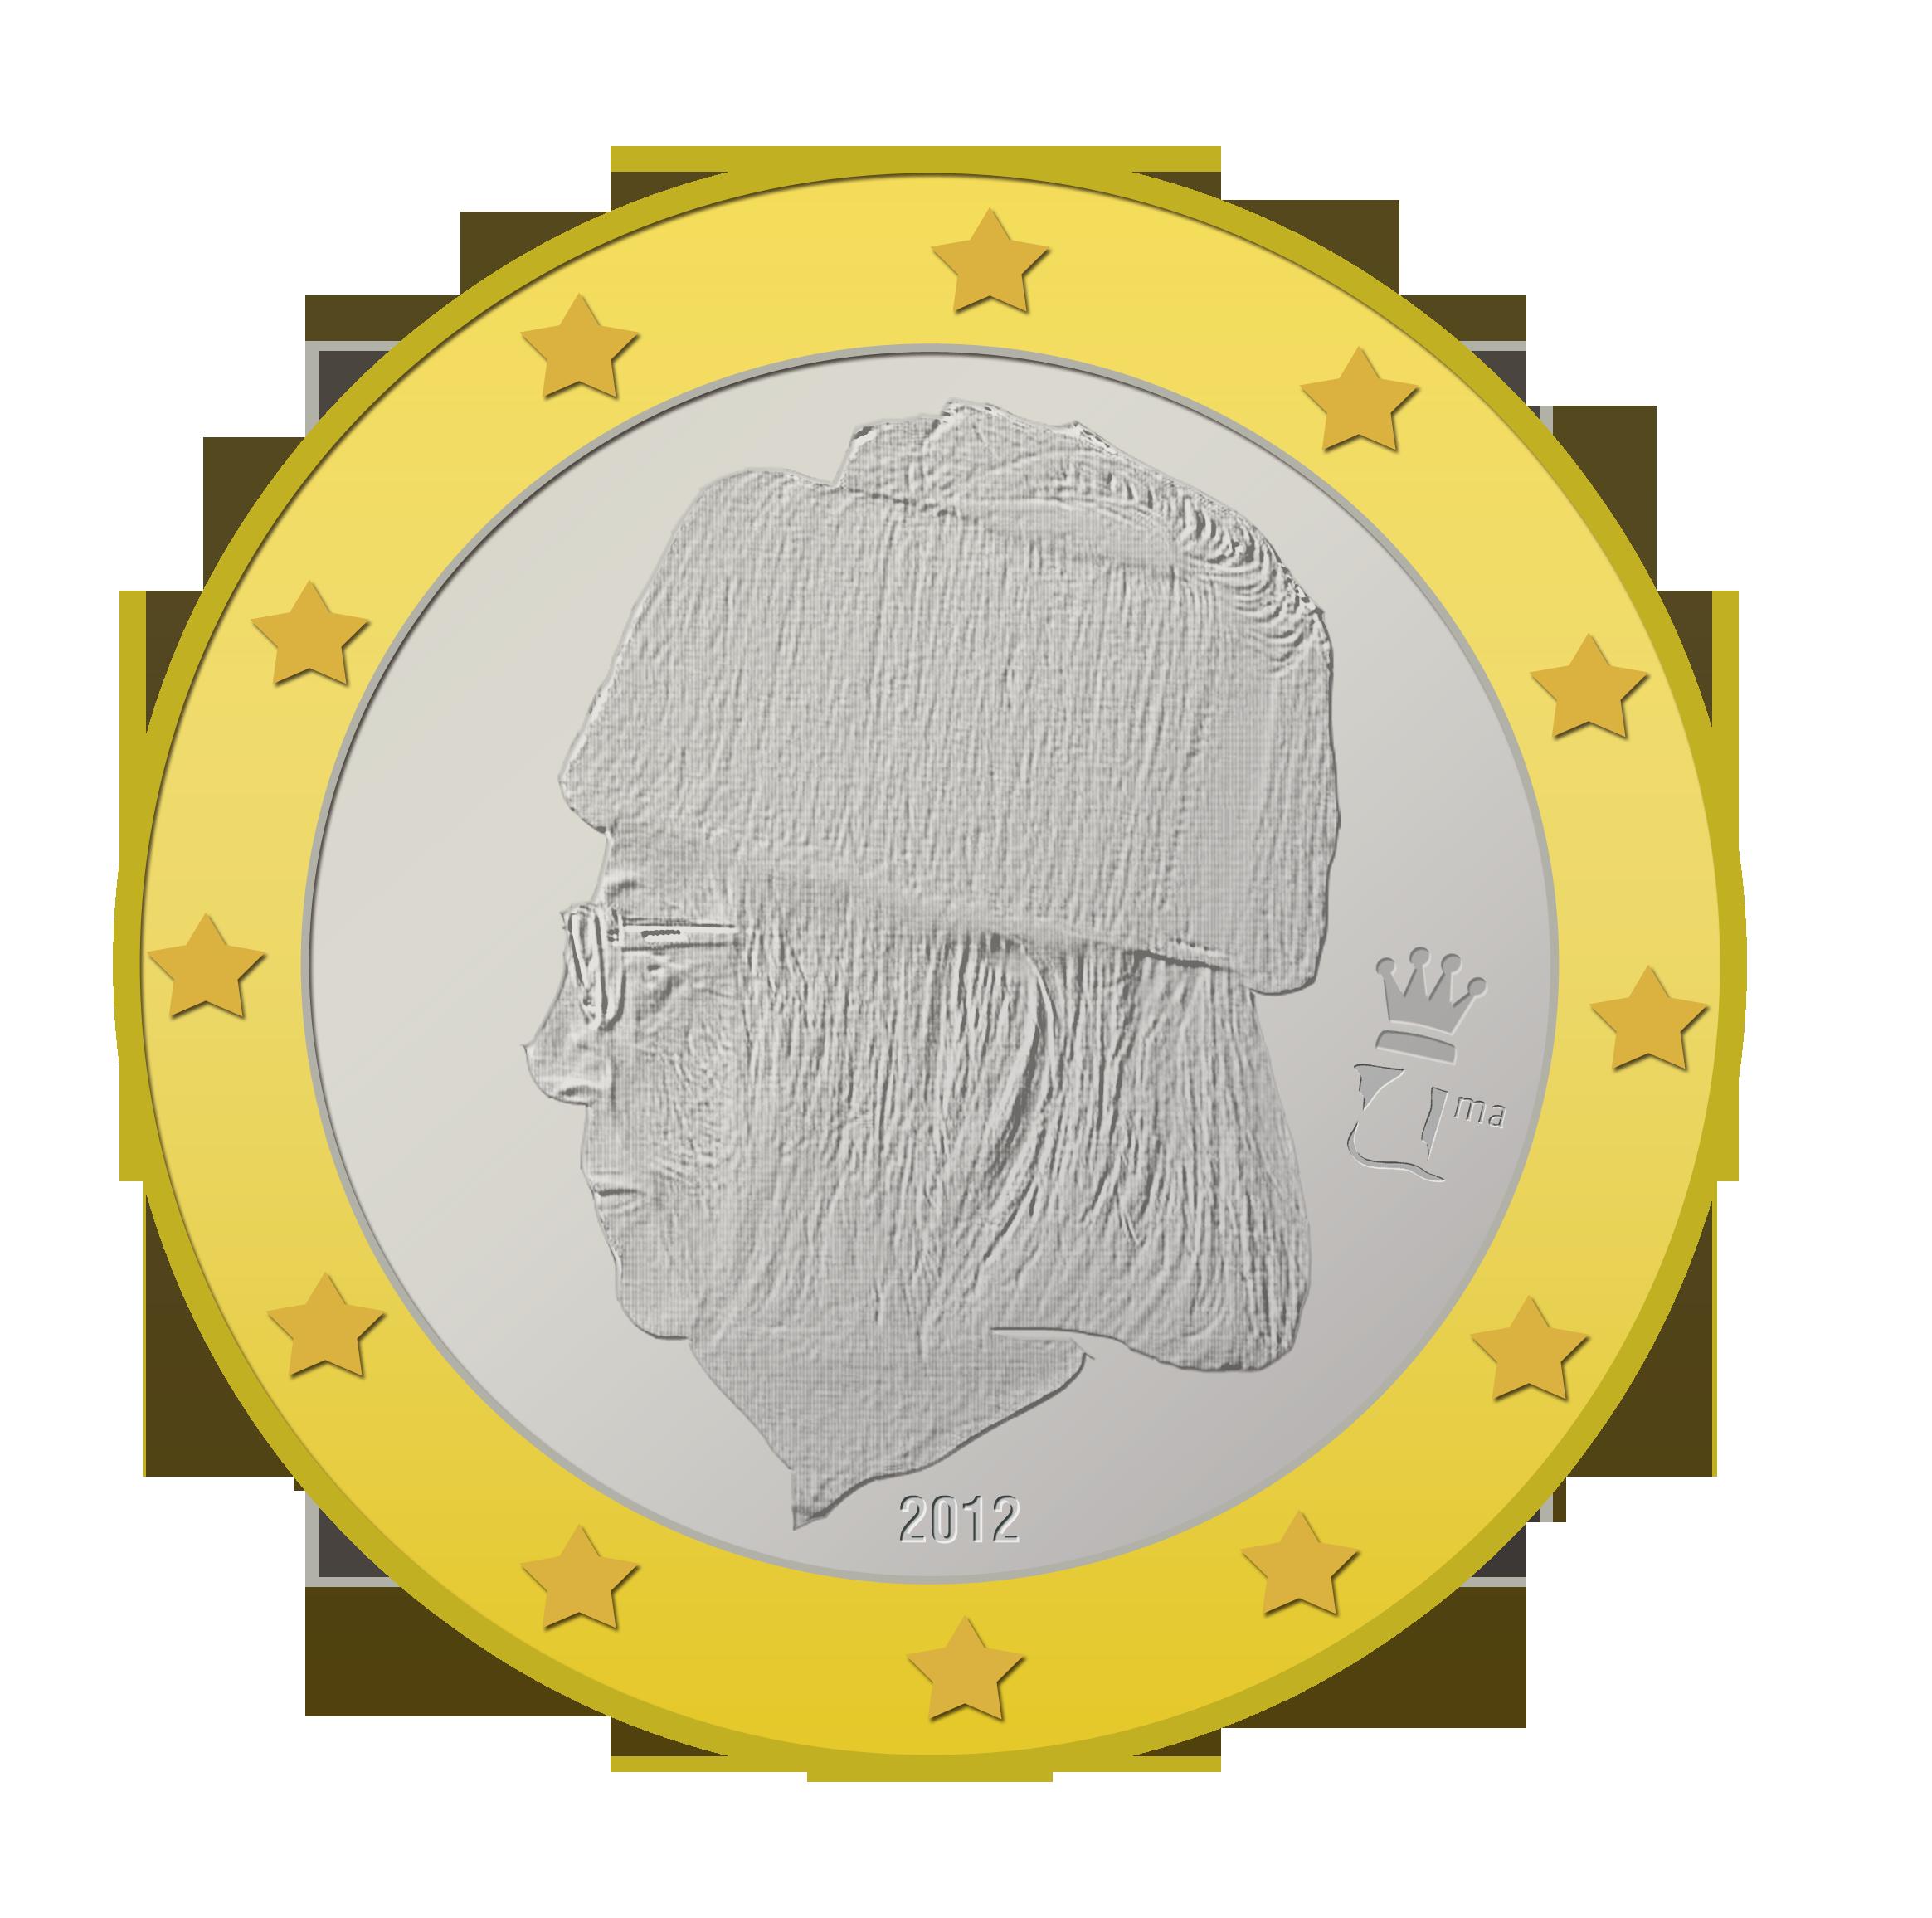 La nueva moneda oficial en curso para pagar las tasas